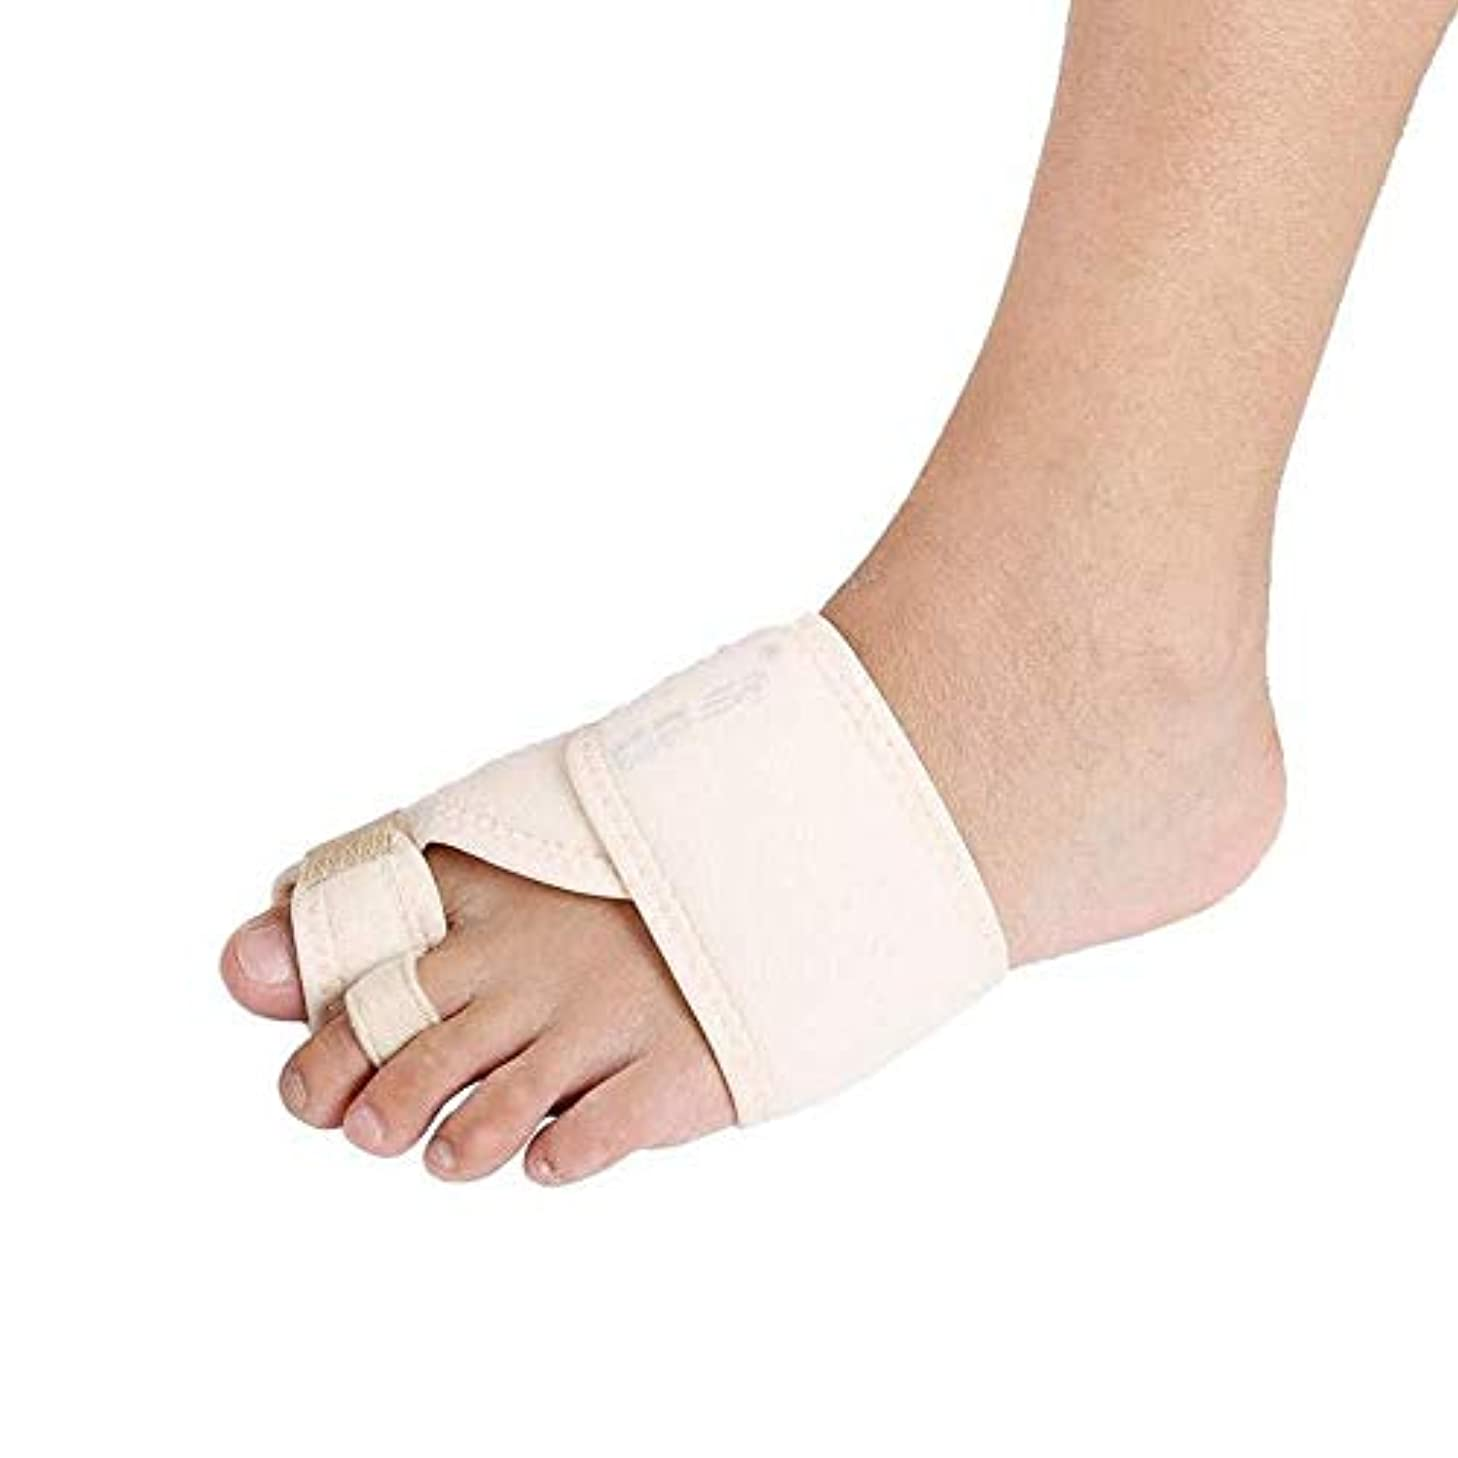 ヒューバートハドソン先敬礼外反母ortho装具、肘装具、外反母hall、外反母gus、女性および男性用の外反母reliefリリーフ,Left Foot